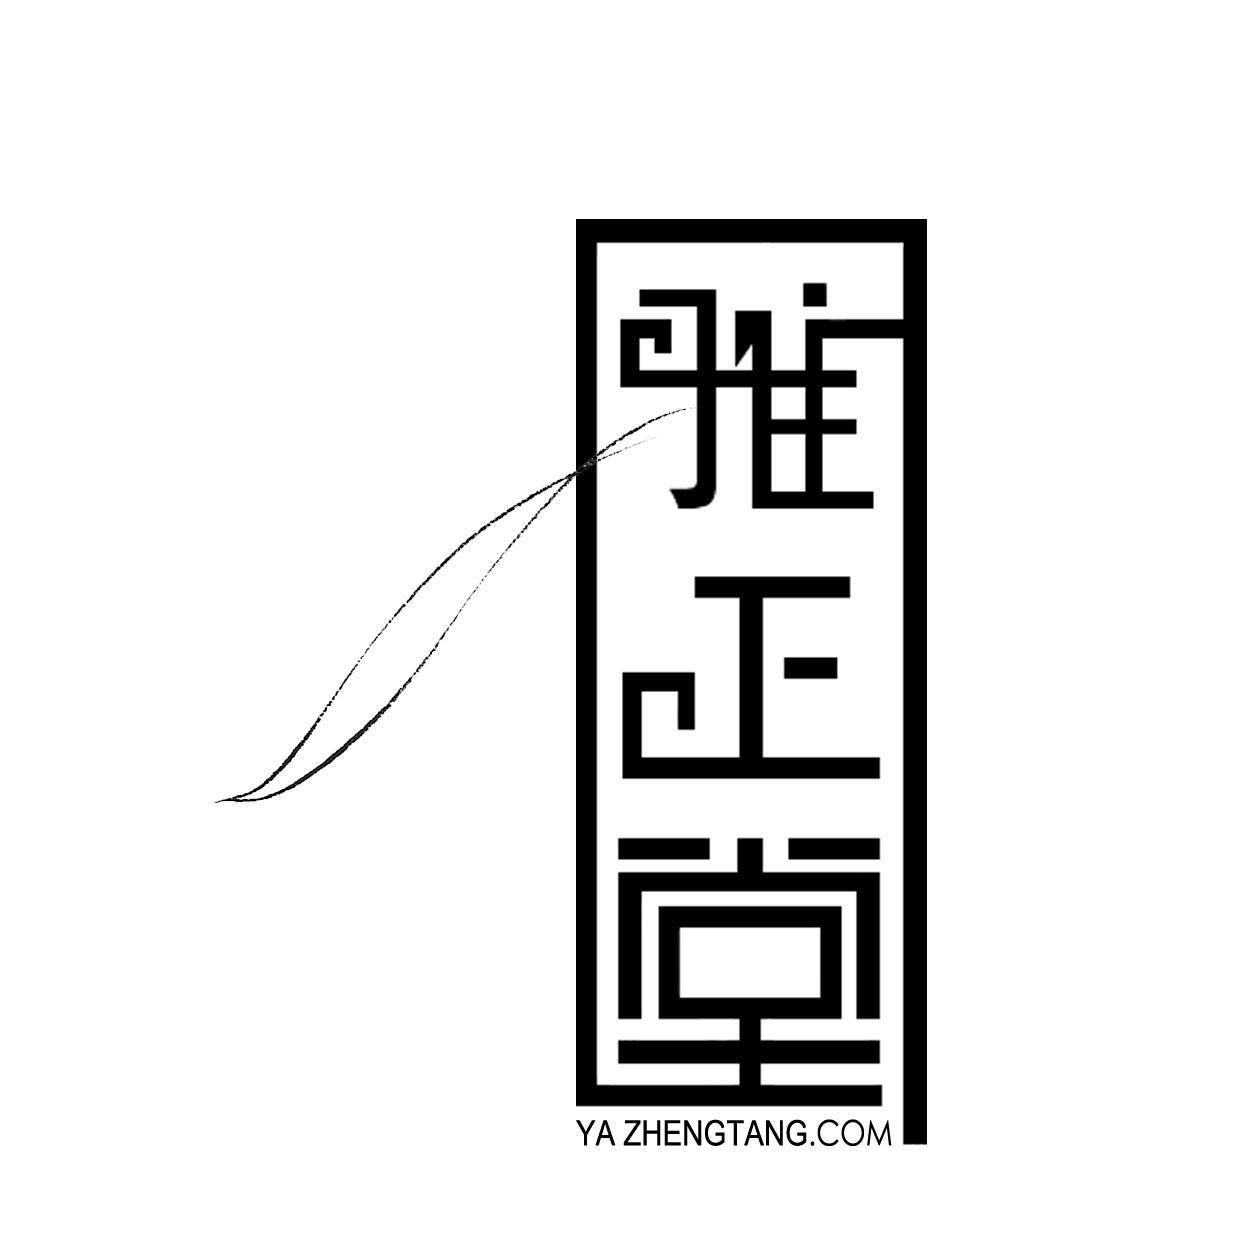 南充市顺庆区雅正堂教育培训学校有限公司